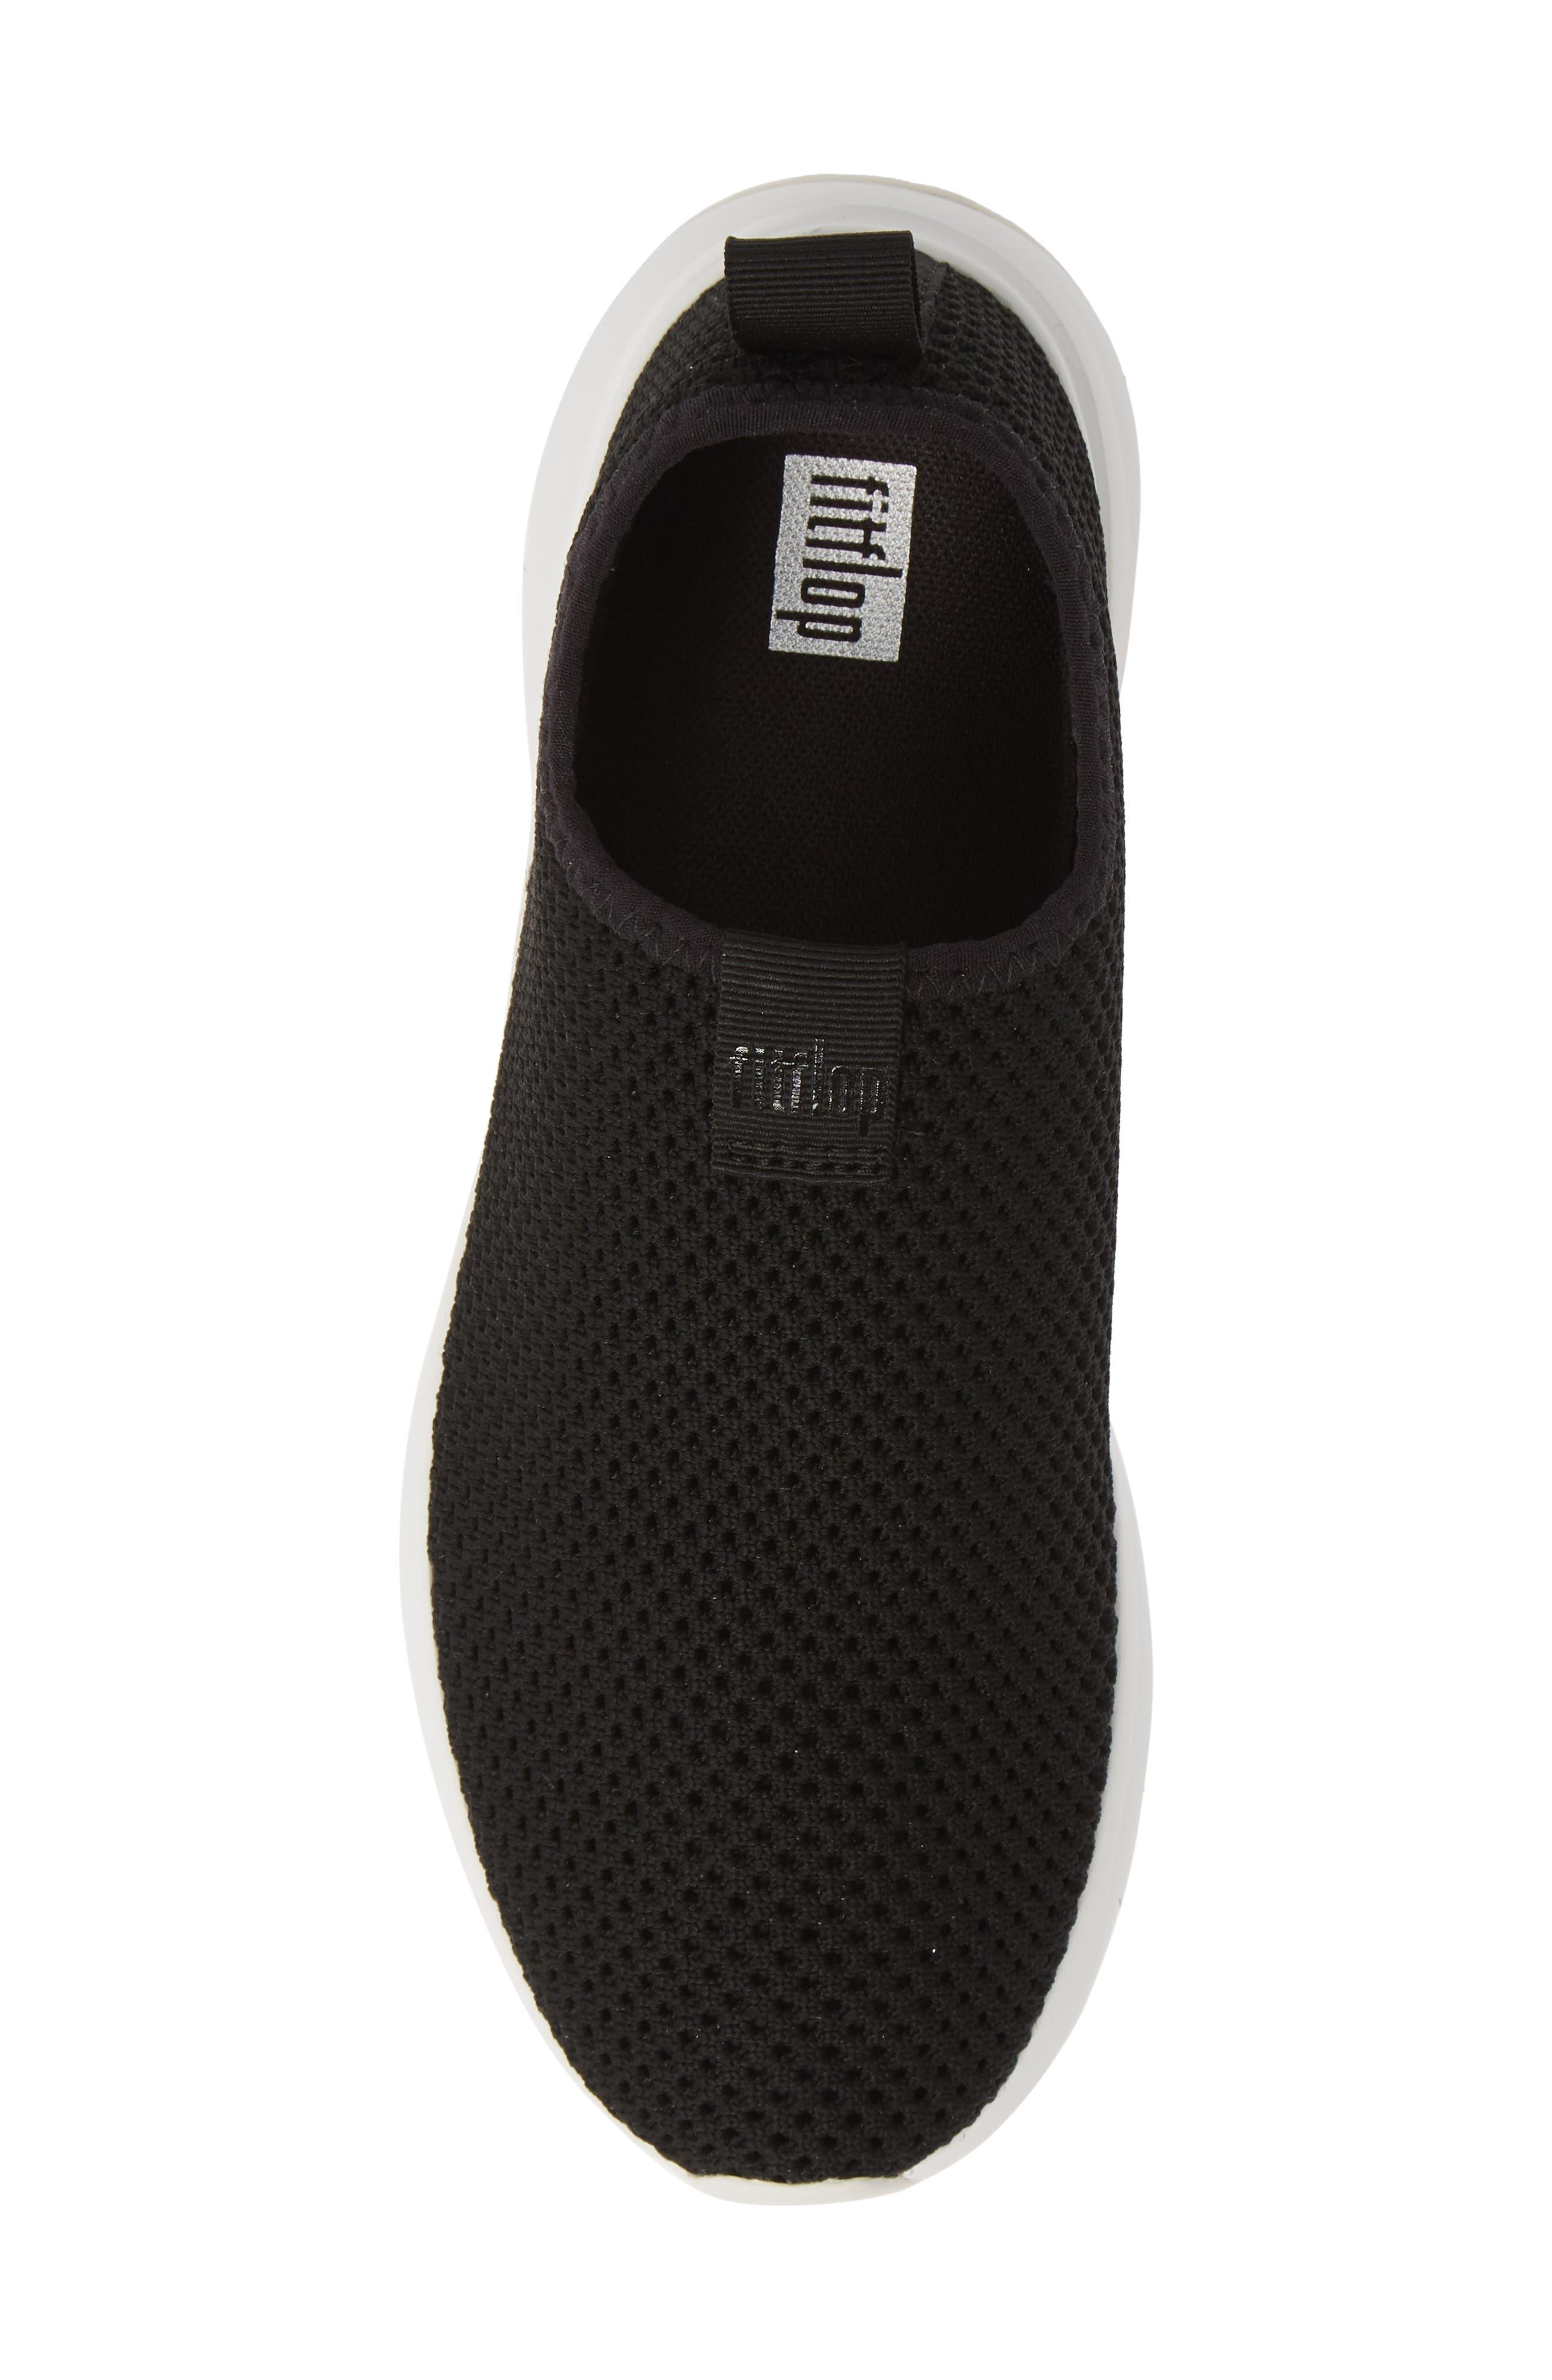 FITFLOP, Airmesh Slip-On Sneaker, Alternate thumbnail 5, color, BLACK